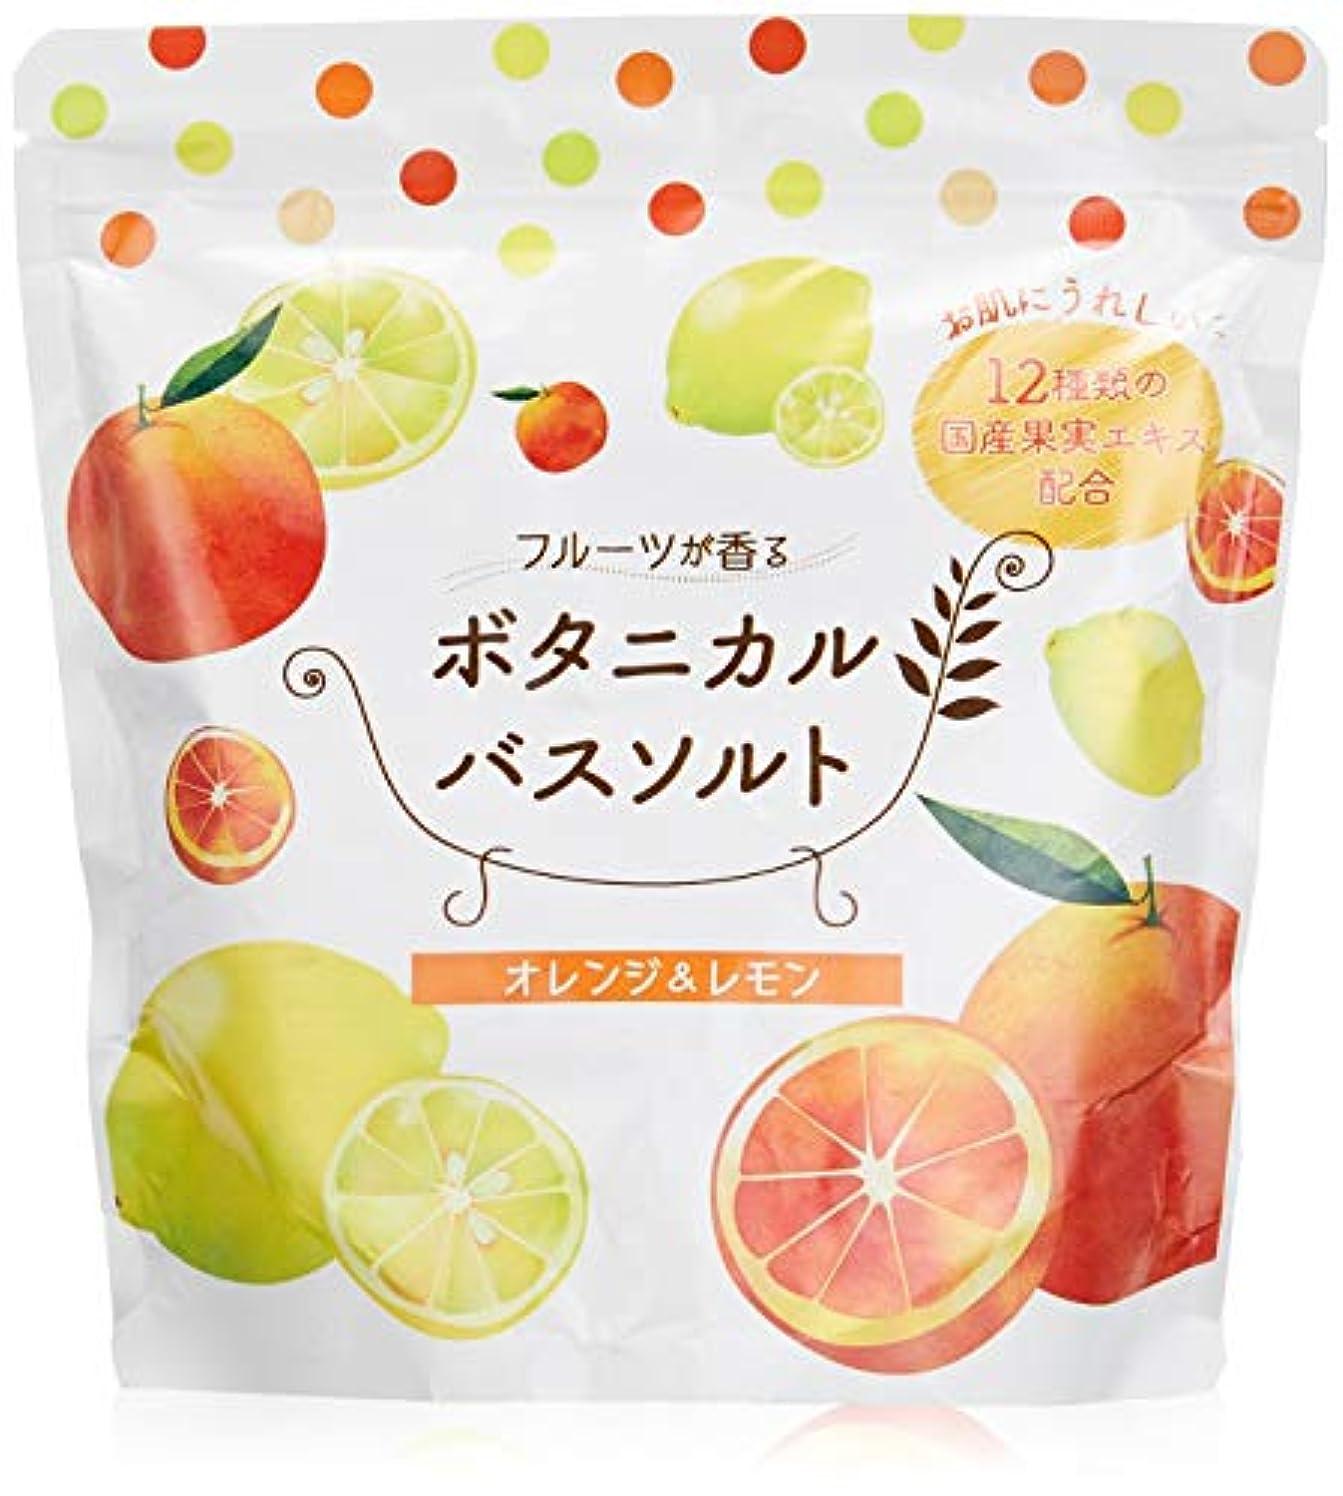 同化するとても作業松田医薬品 フルーツが香るボタニカルバスソルト オレンジ&レモン 450g